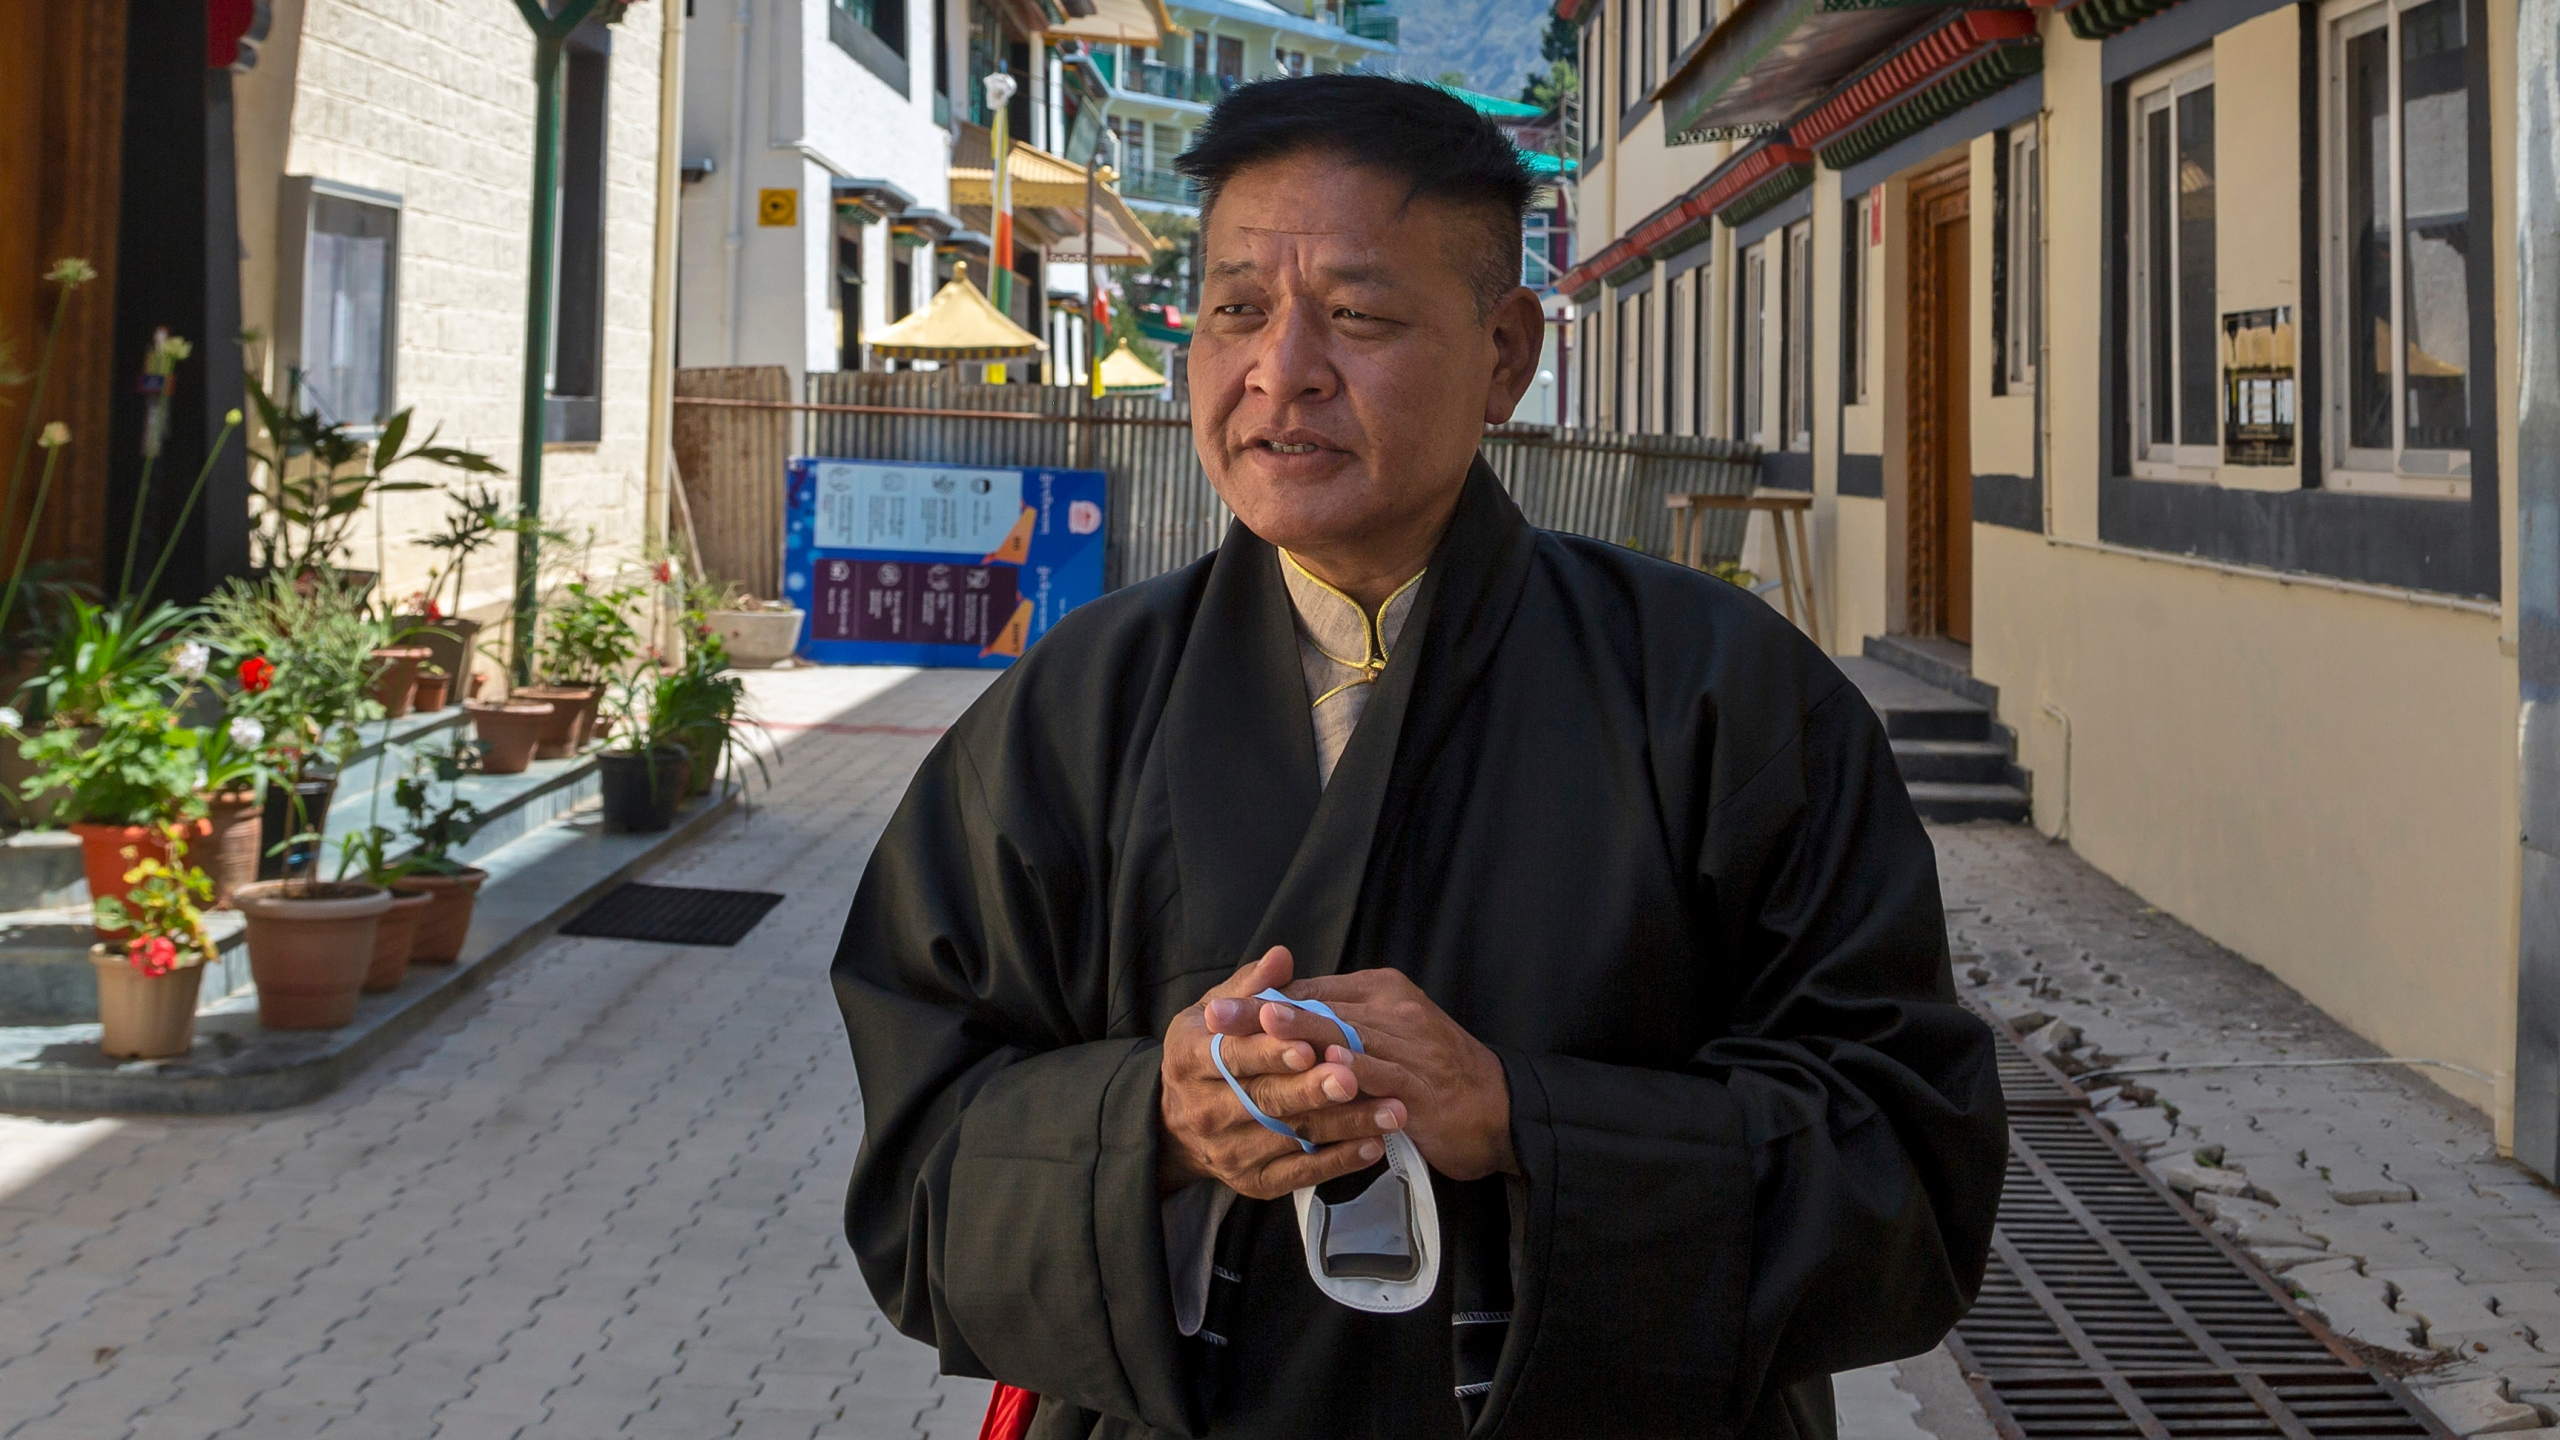 Penpa Tsering